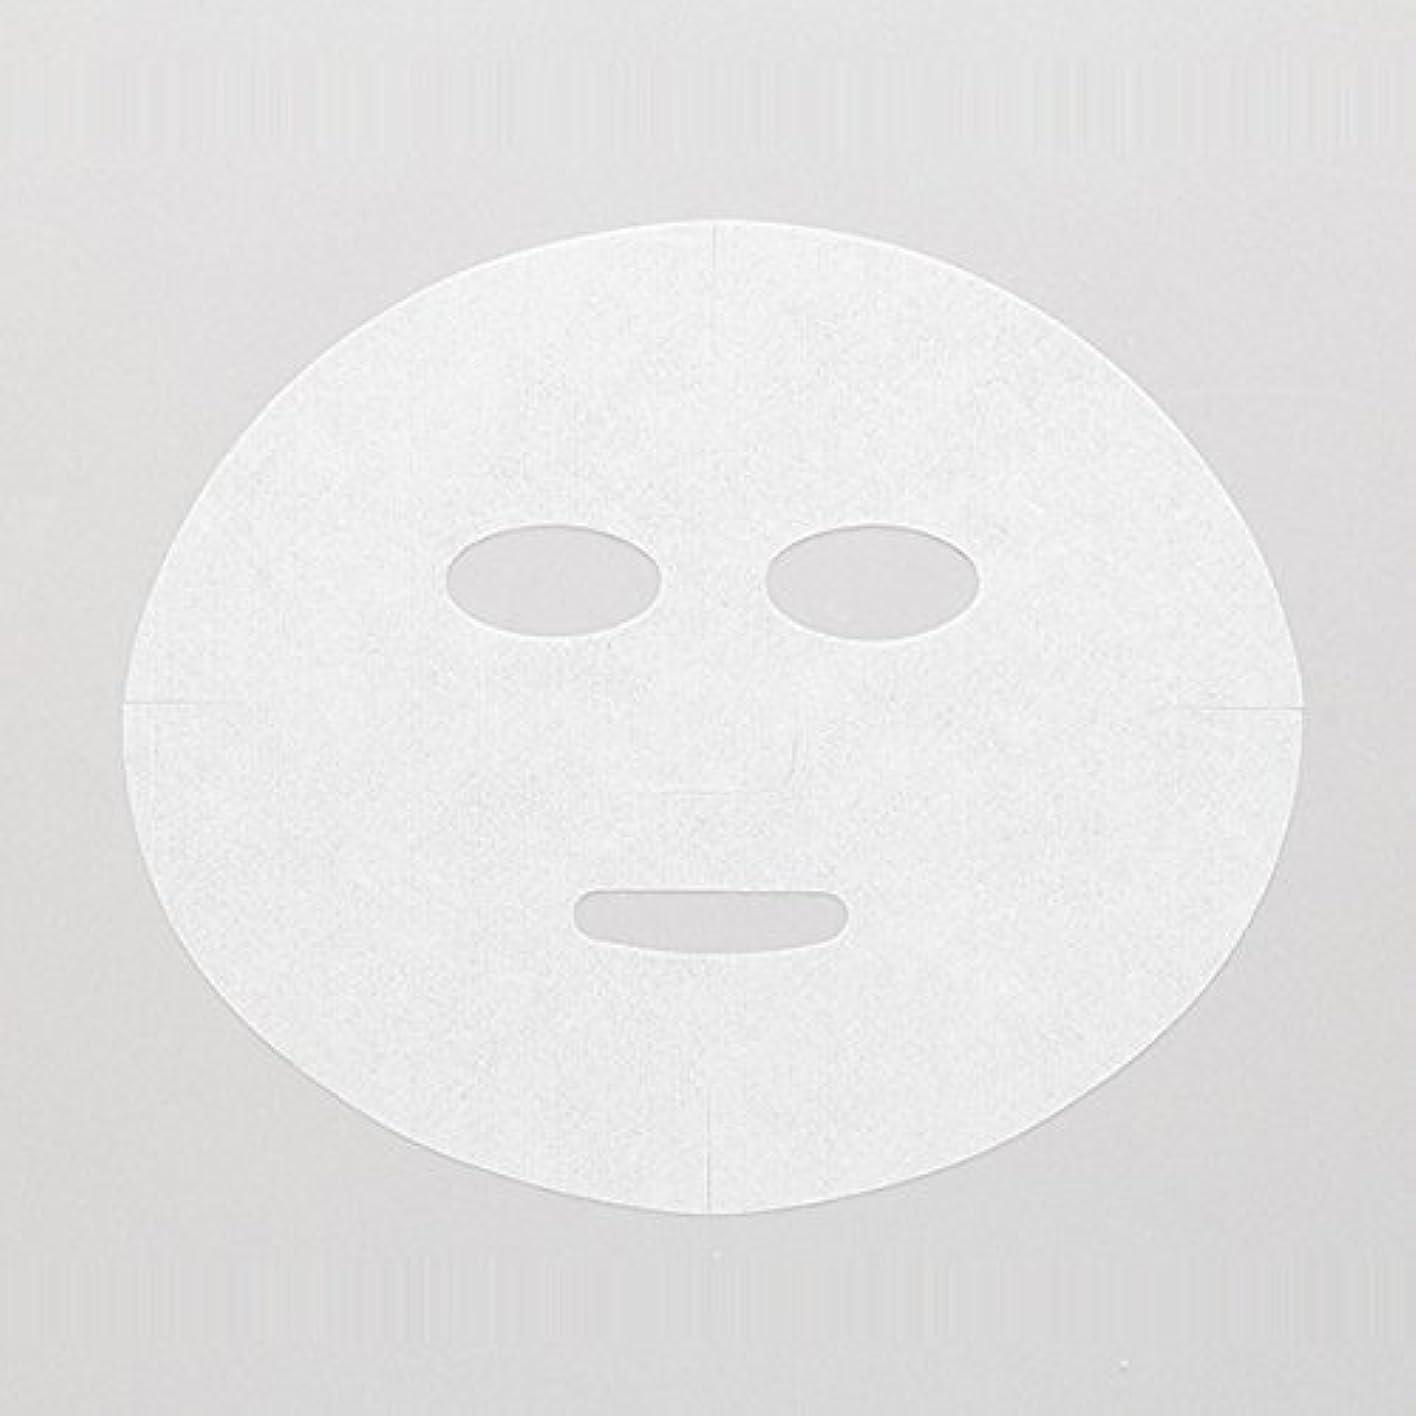 かもめ動詞雇った高保水 フェイシャルシート (マスクタイプ 化粧水無) 80枚 24×20cm [ フェイスマスク フェイスシート フェイスパック フェイシャルマスク シートマスク フェイシャルシート フェイシャルパック ローションマスク ローションパック ]